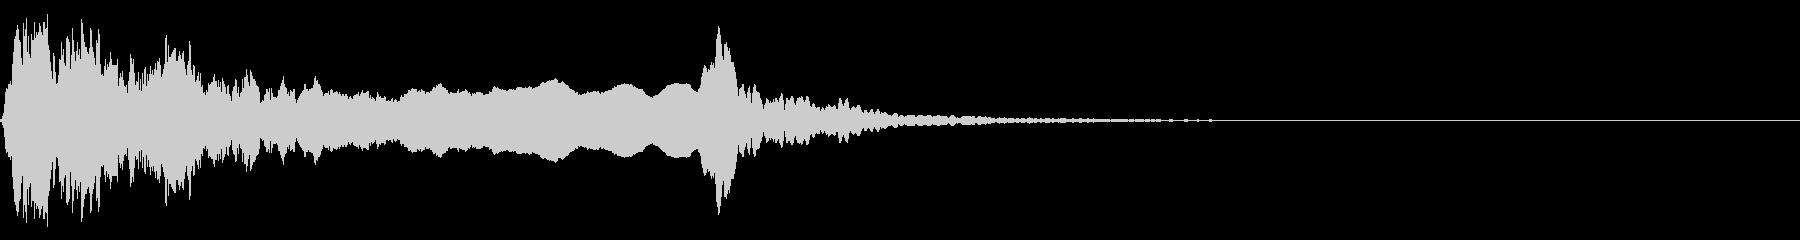 和風な歌舞伎の笛(能管)効果音です♪01の未再生の波形